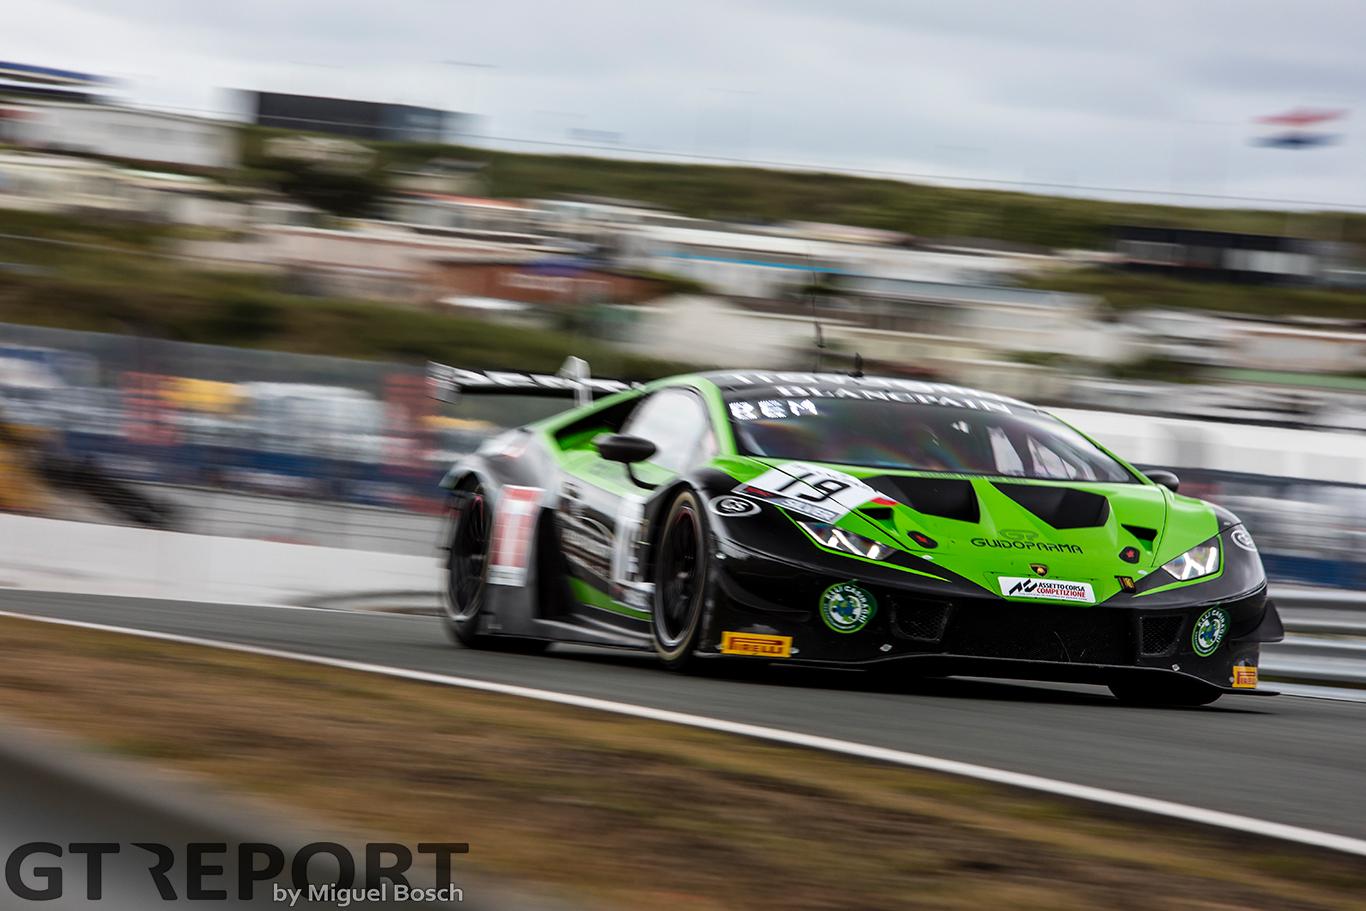 Spa 24 Hours preview: Lamborghini